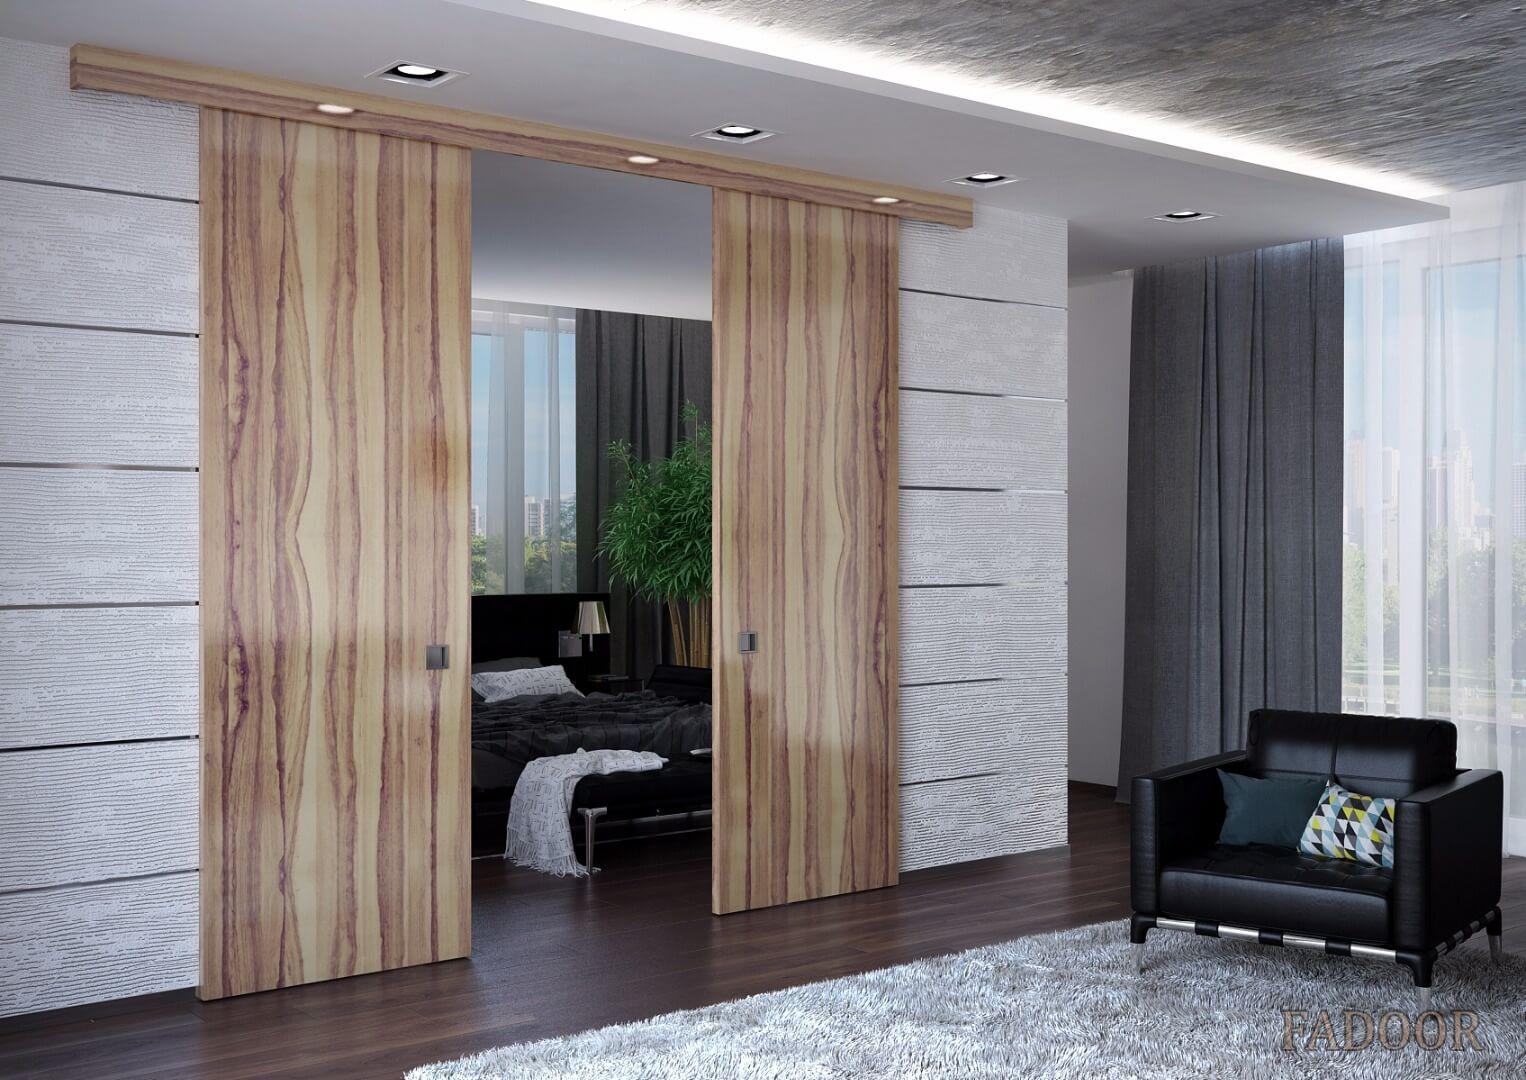 Раздвижные межкомнатные двери - когда любое пространство важно